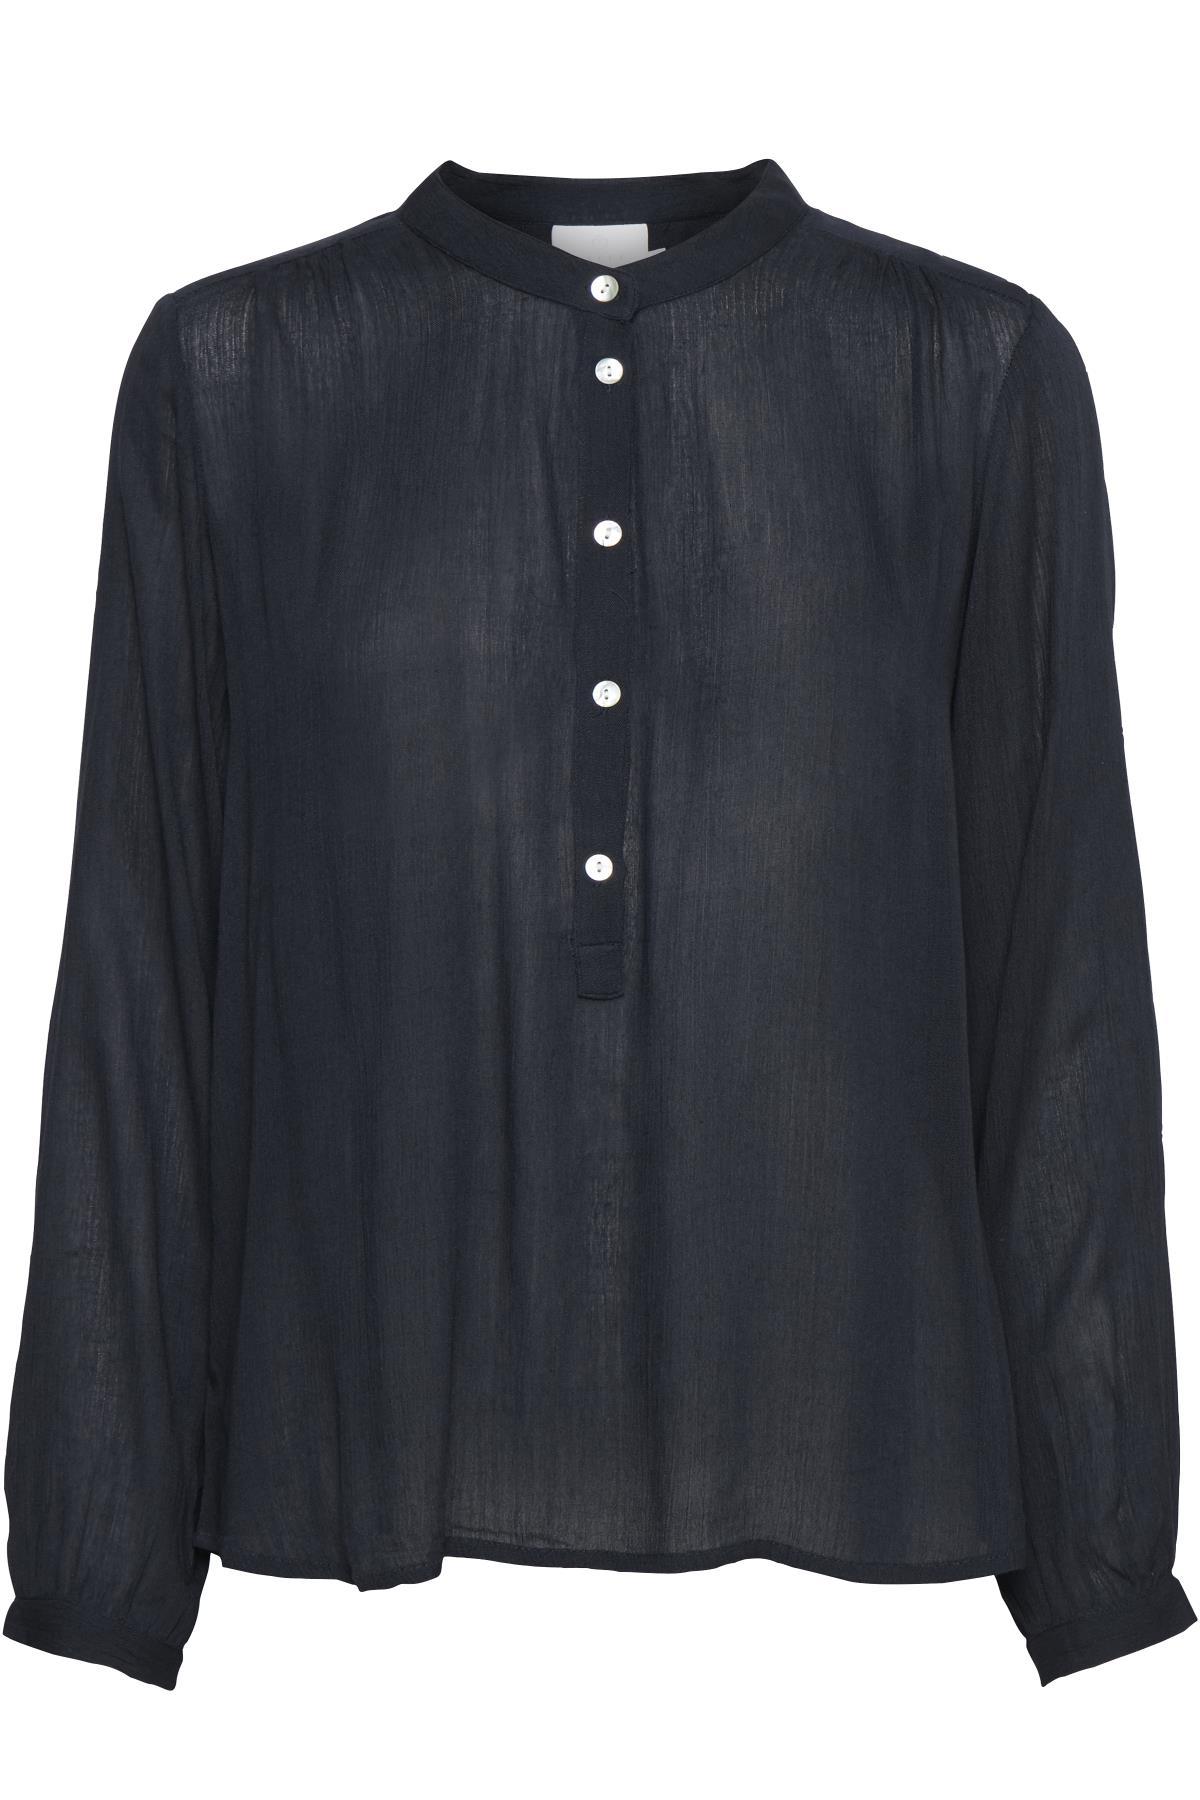 Marineblå Langærmet bluse fra Kaffe – Køb Marineblå Langærmet bluse fra str. 34-46 her